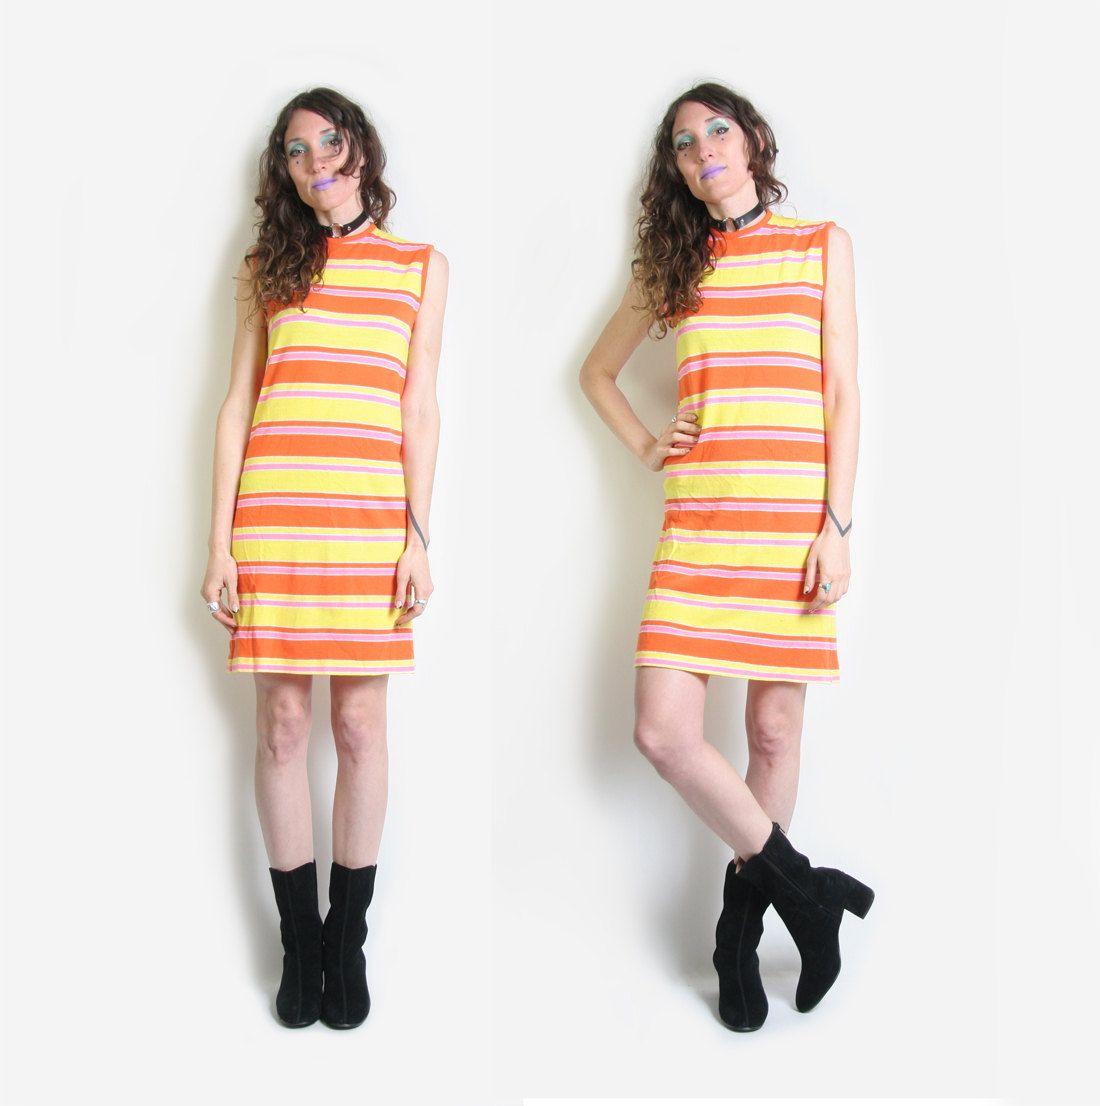 60s Striped Knit Shift Dress Summer Dress 60s Dress Etsy Knit Shift Dress Summer Shift Dress Shift Dress [ 1106 x 1100 Pixel ]